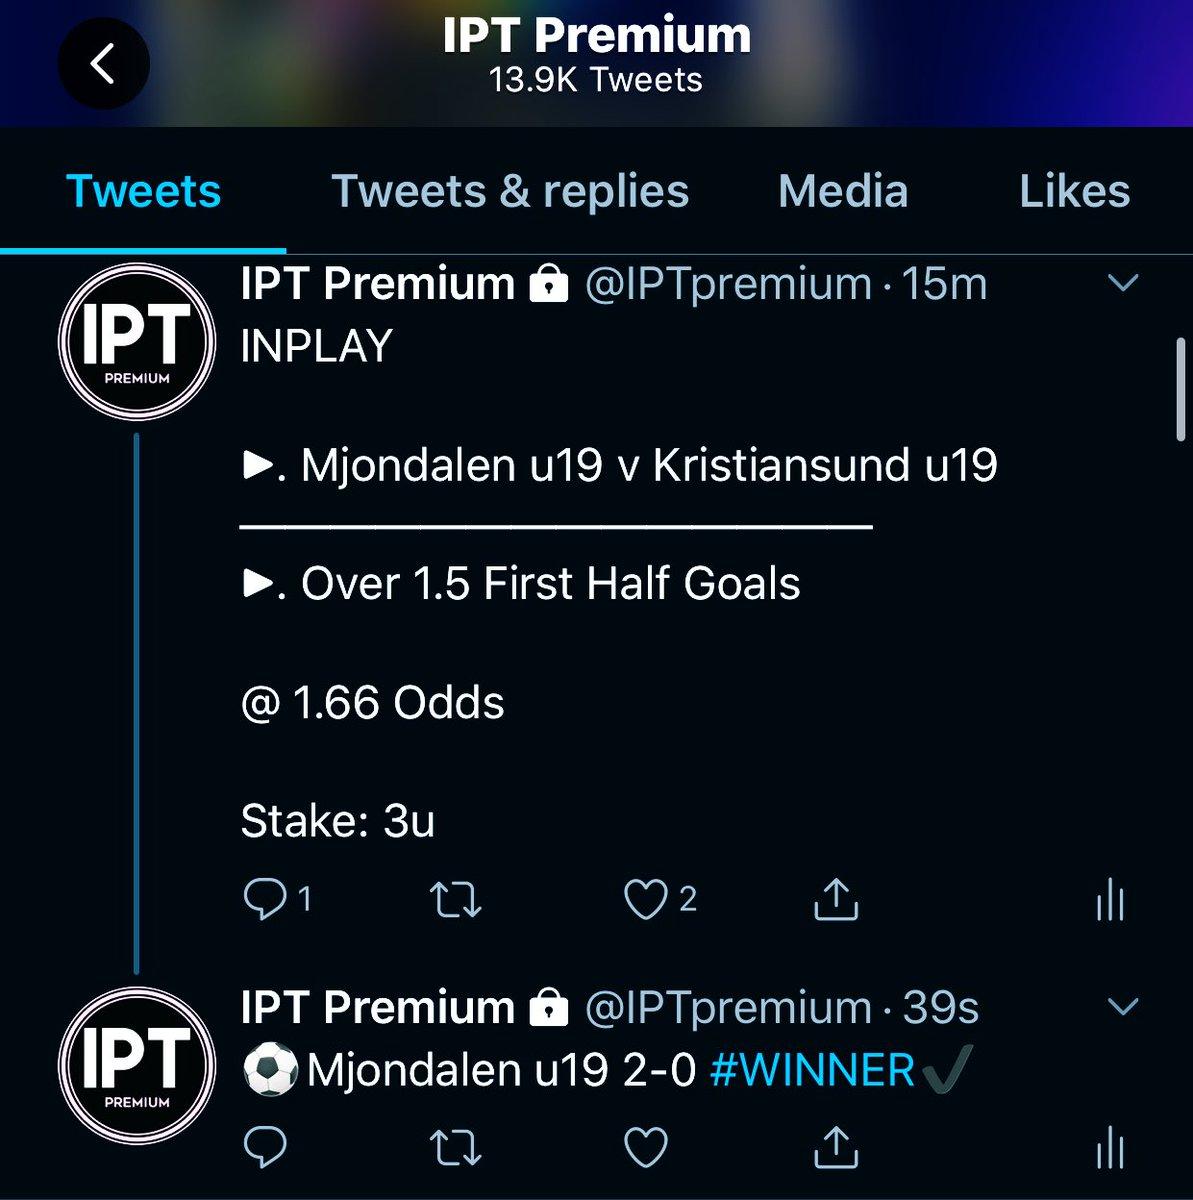 3/3 WINNERS ON #IPTpremium ALREADY   6.1u PROFIT IN 30 MINUTES  (£61 betting £10 Per unit)   We are just getting warmed up <br>http://pic.twitter.com/FDL9mpmLnH